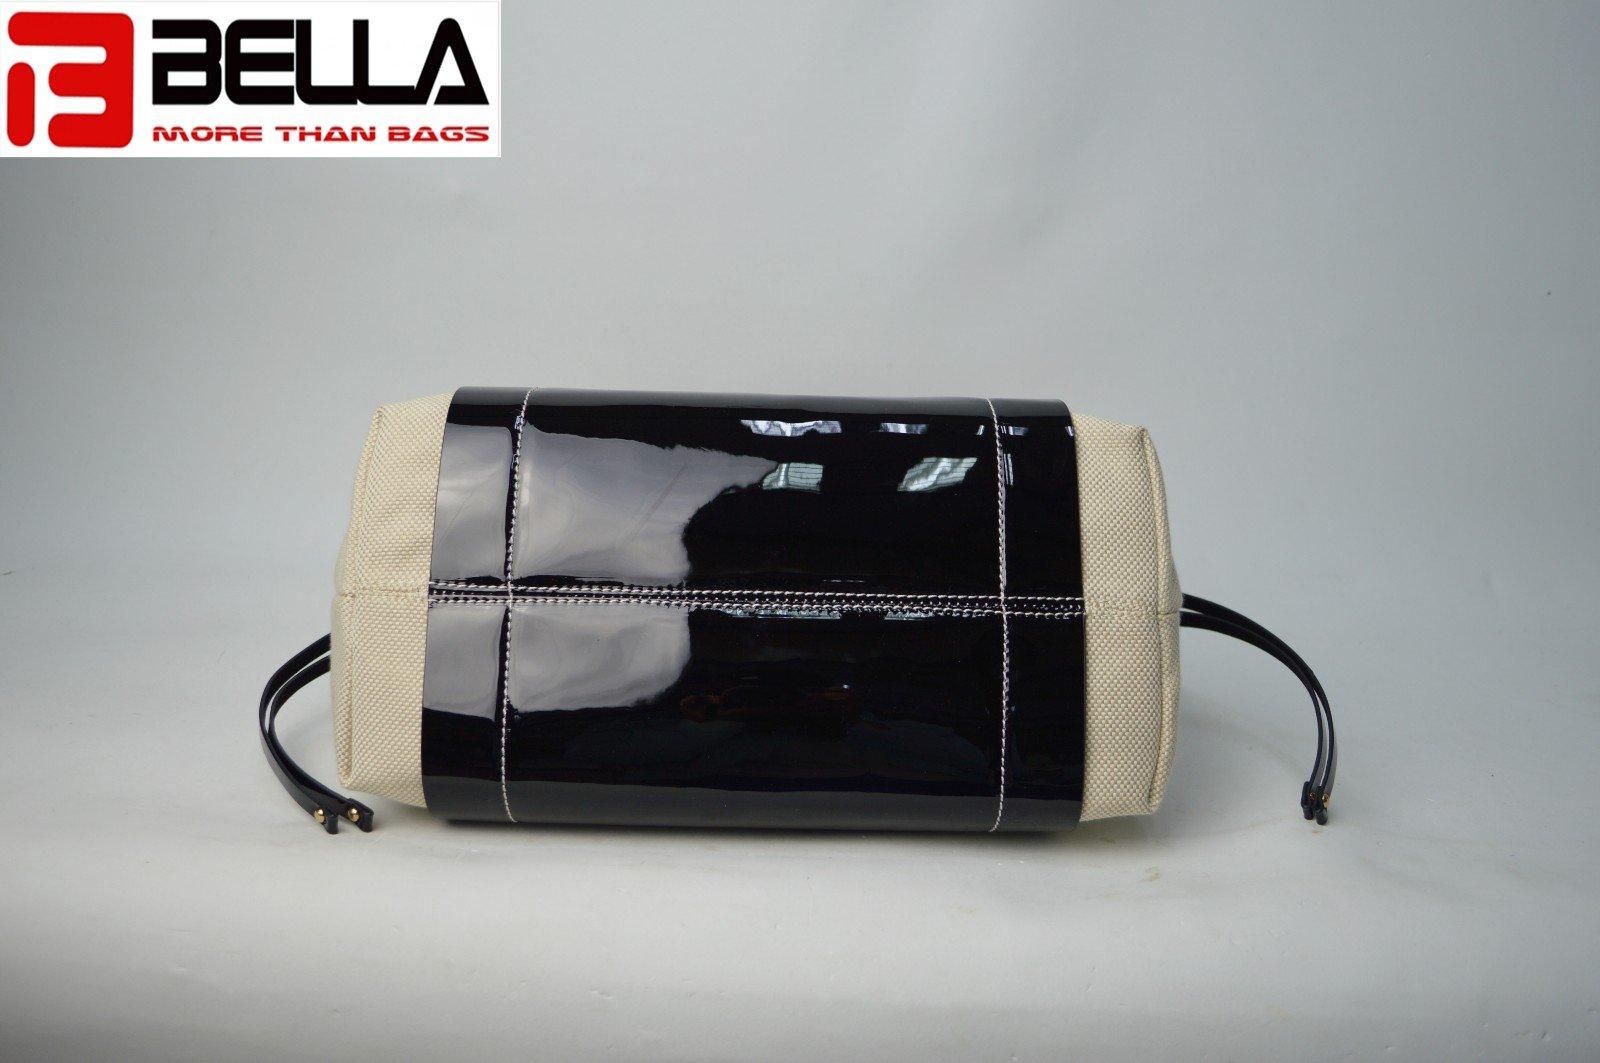 BELLA-Designer Pu And Canvas Handbag With Contrast Color 6034a-bella-9